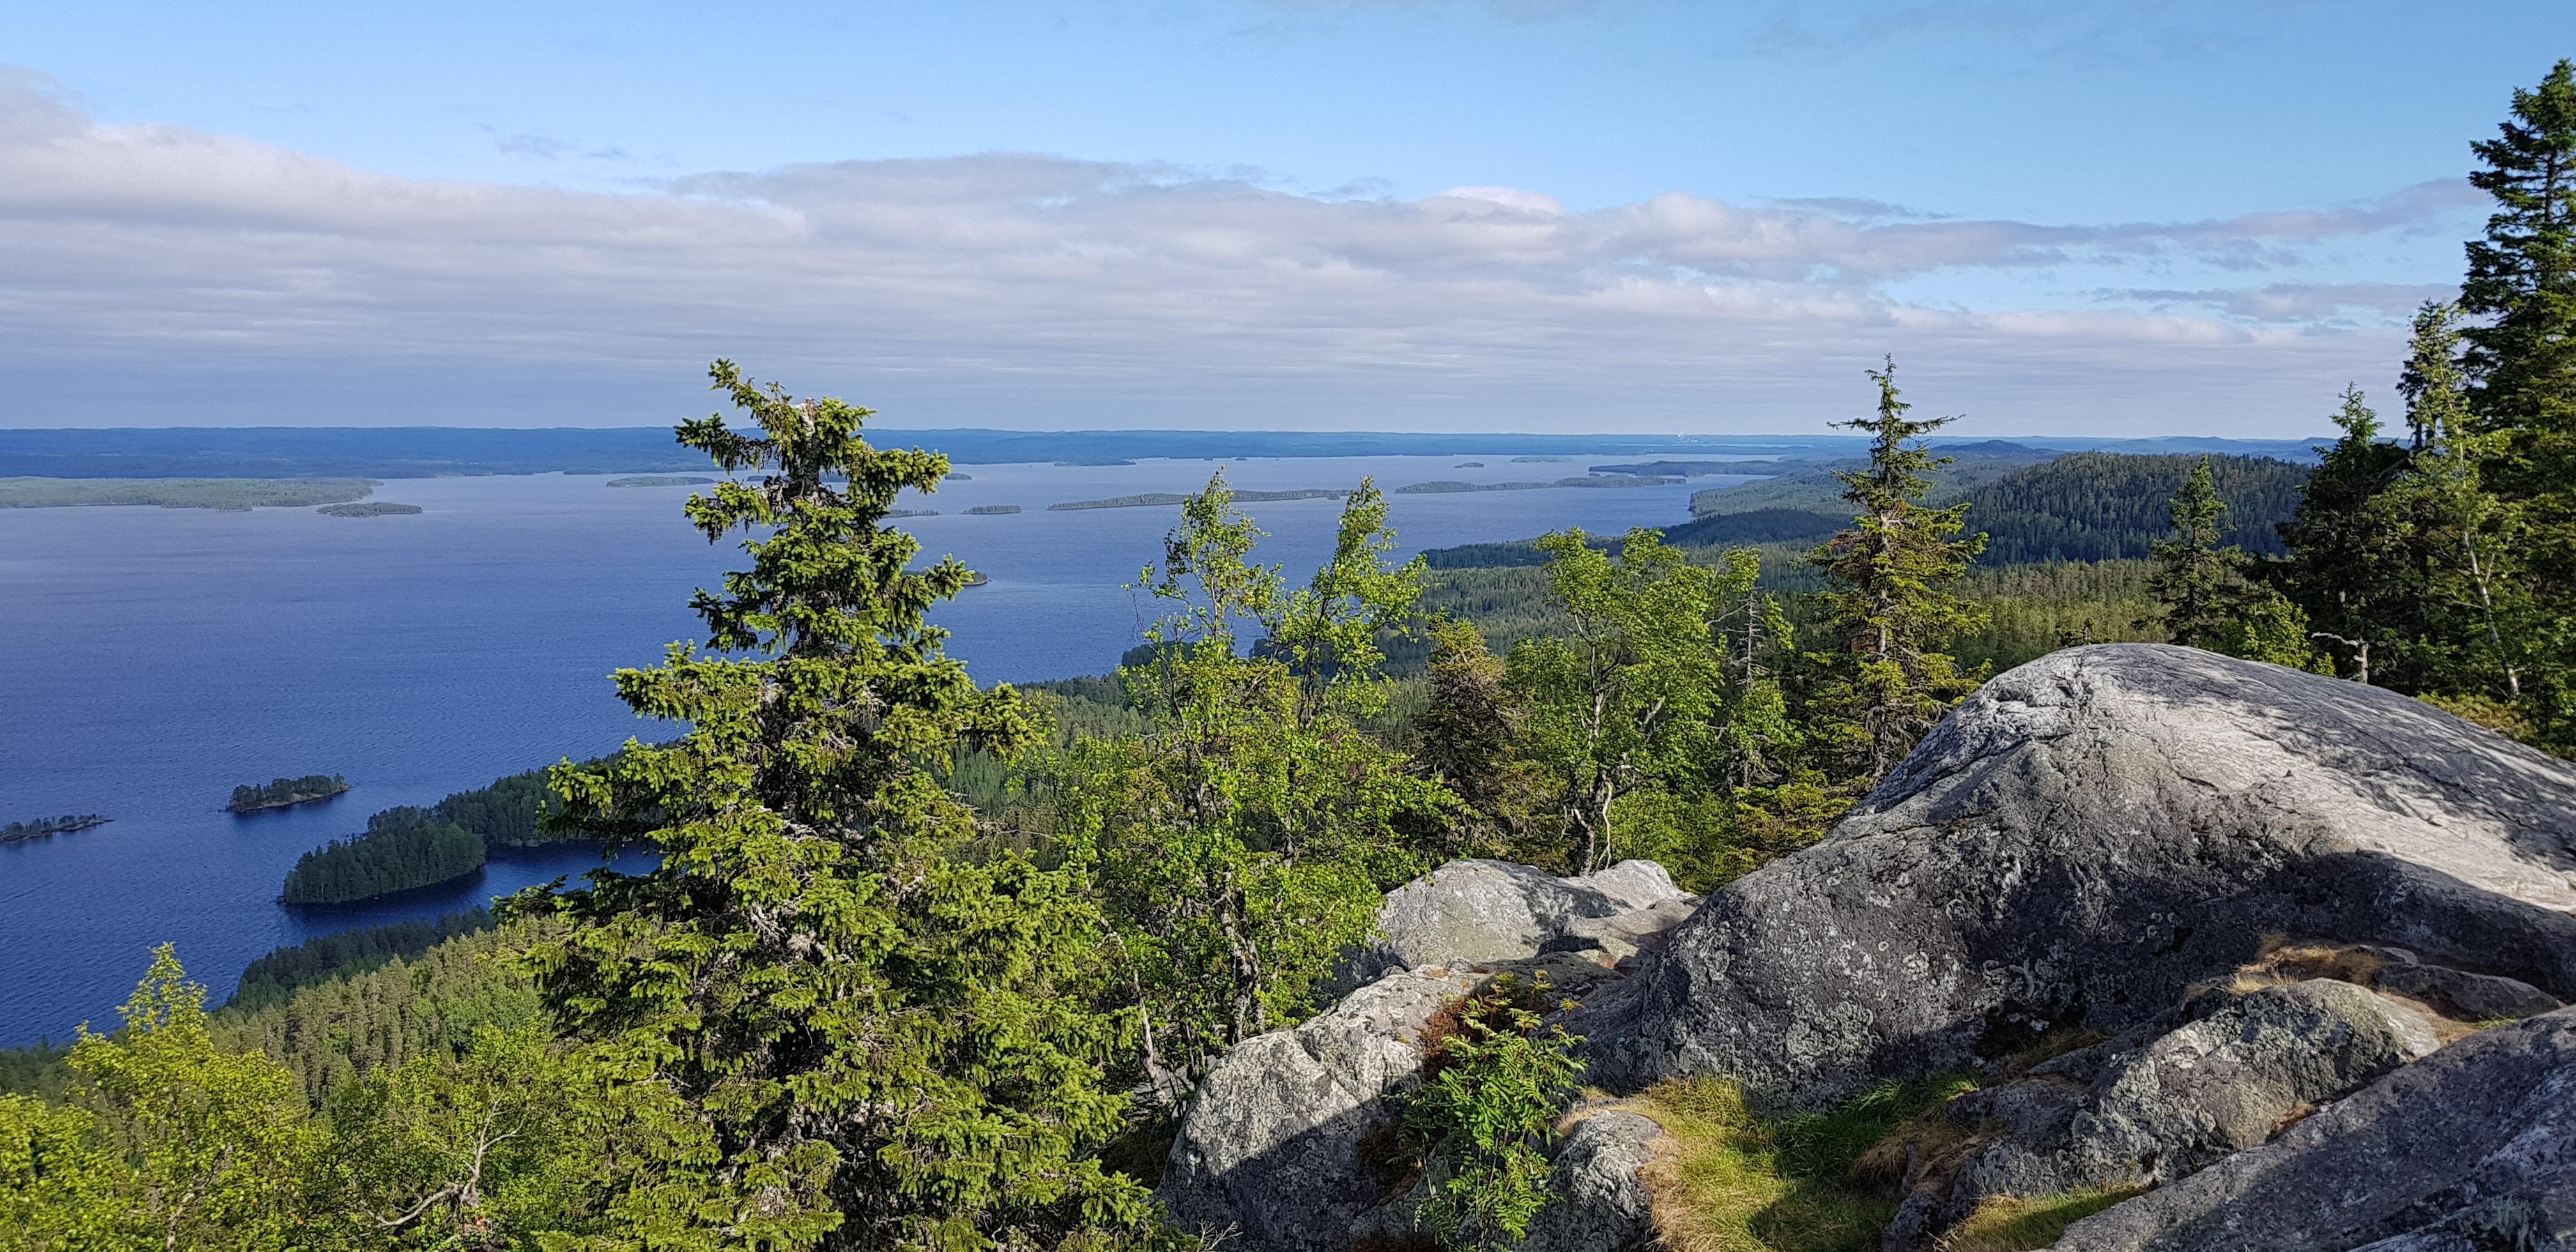 Aussicht vom Ukko-Koli auf den See Pielinen